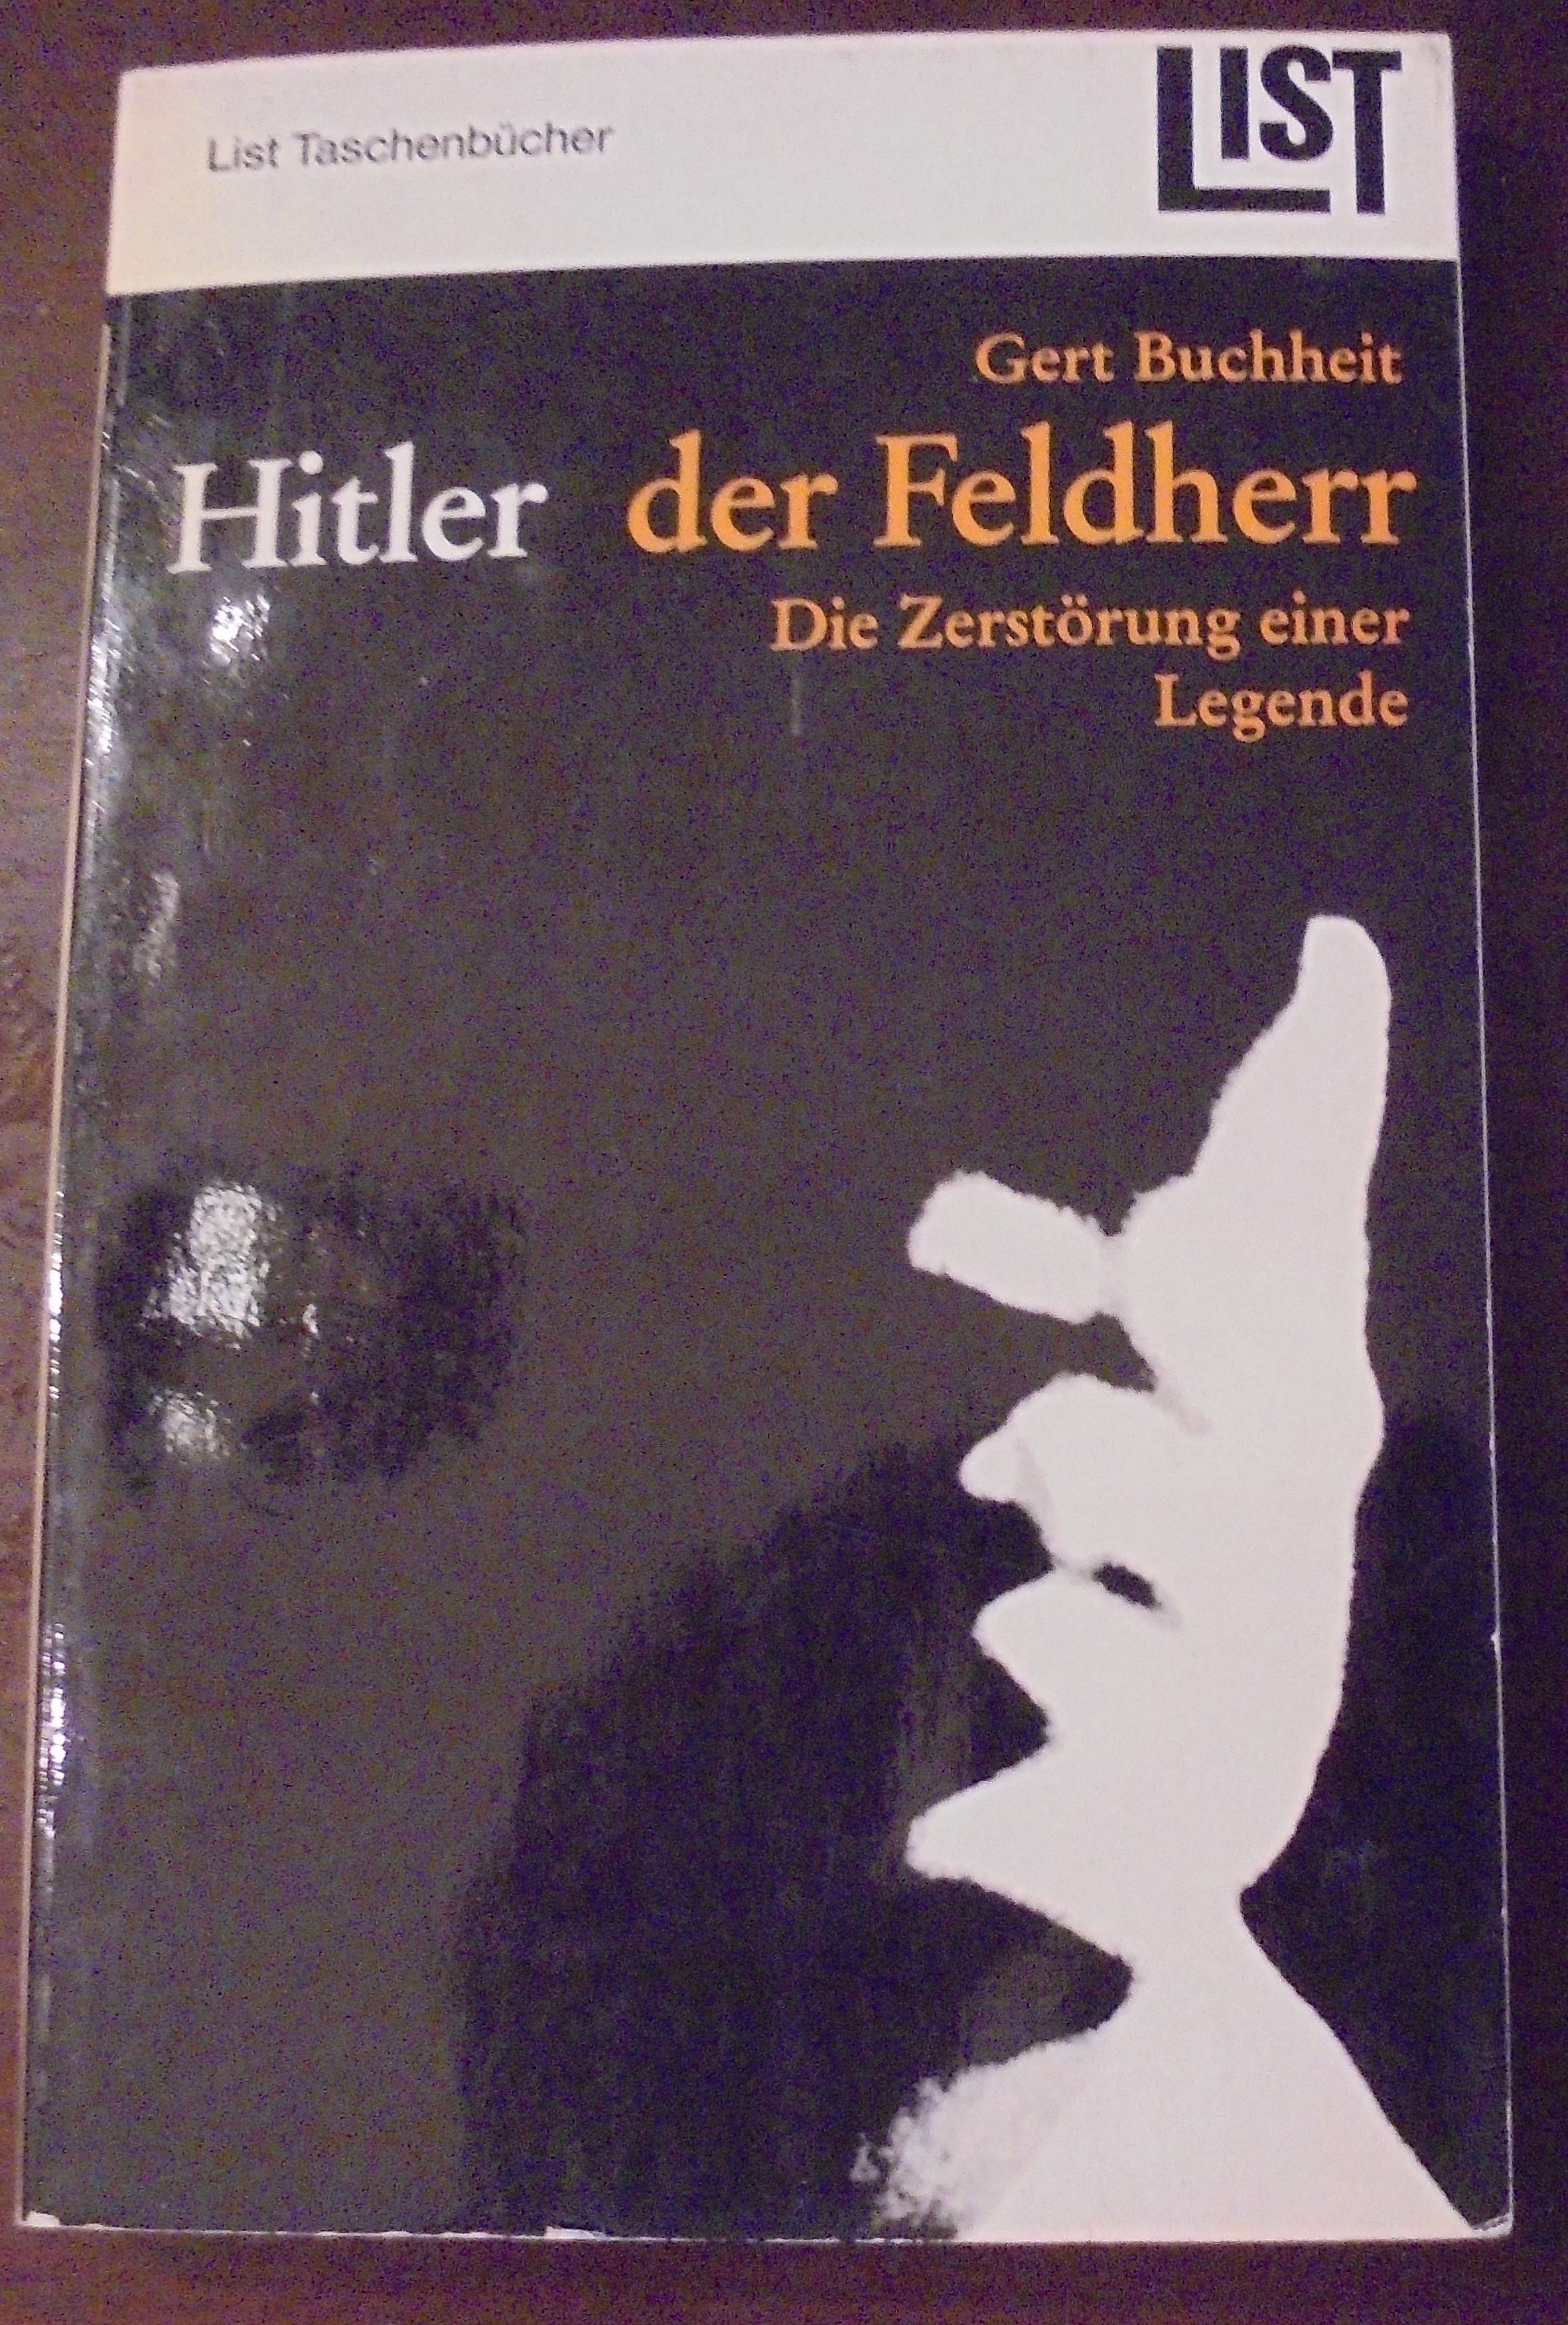 Hitler der Feldherr: Die Zerstörung einer Legende: Gert Buchheit